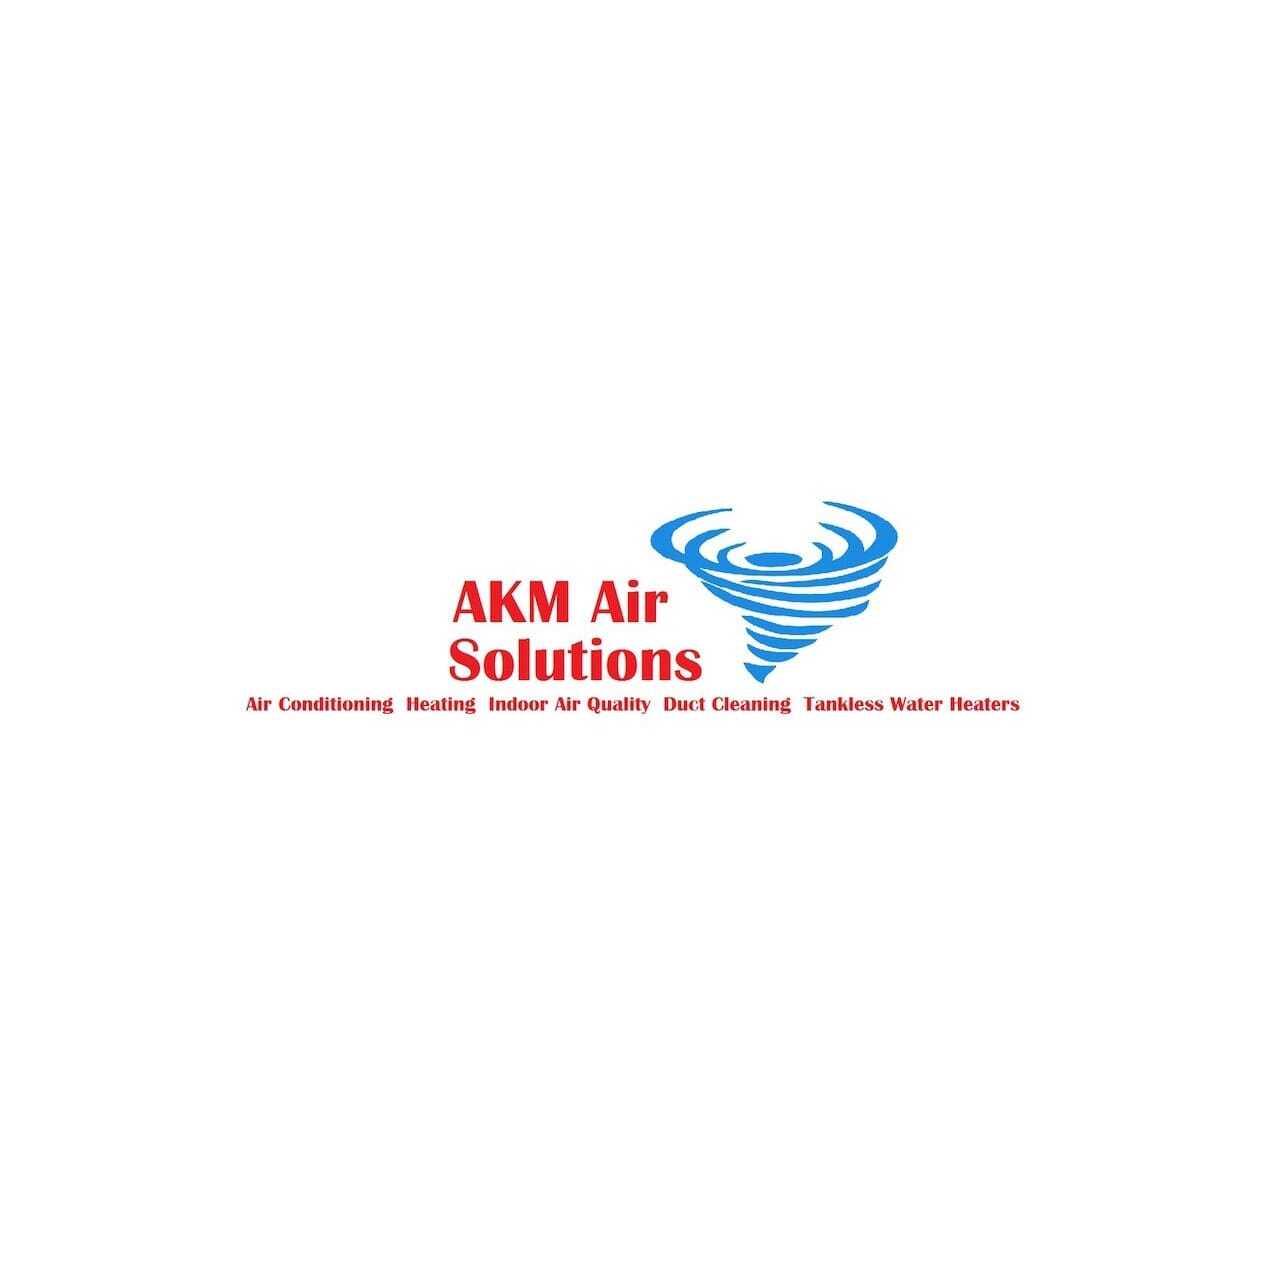 AKM Air Solutions